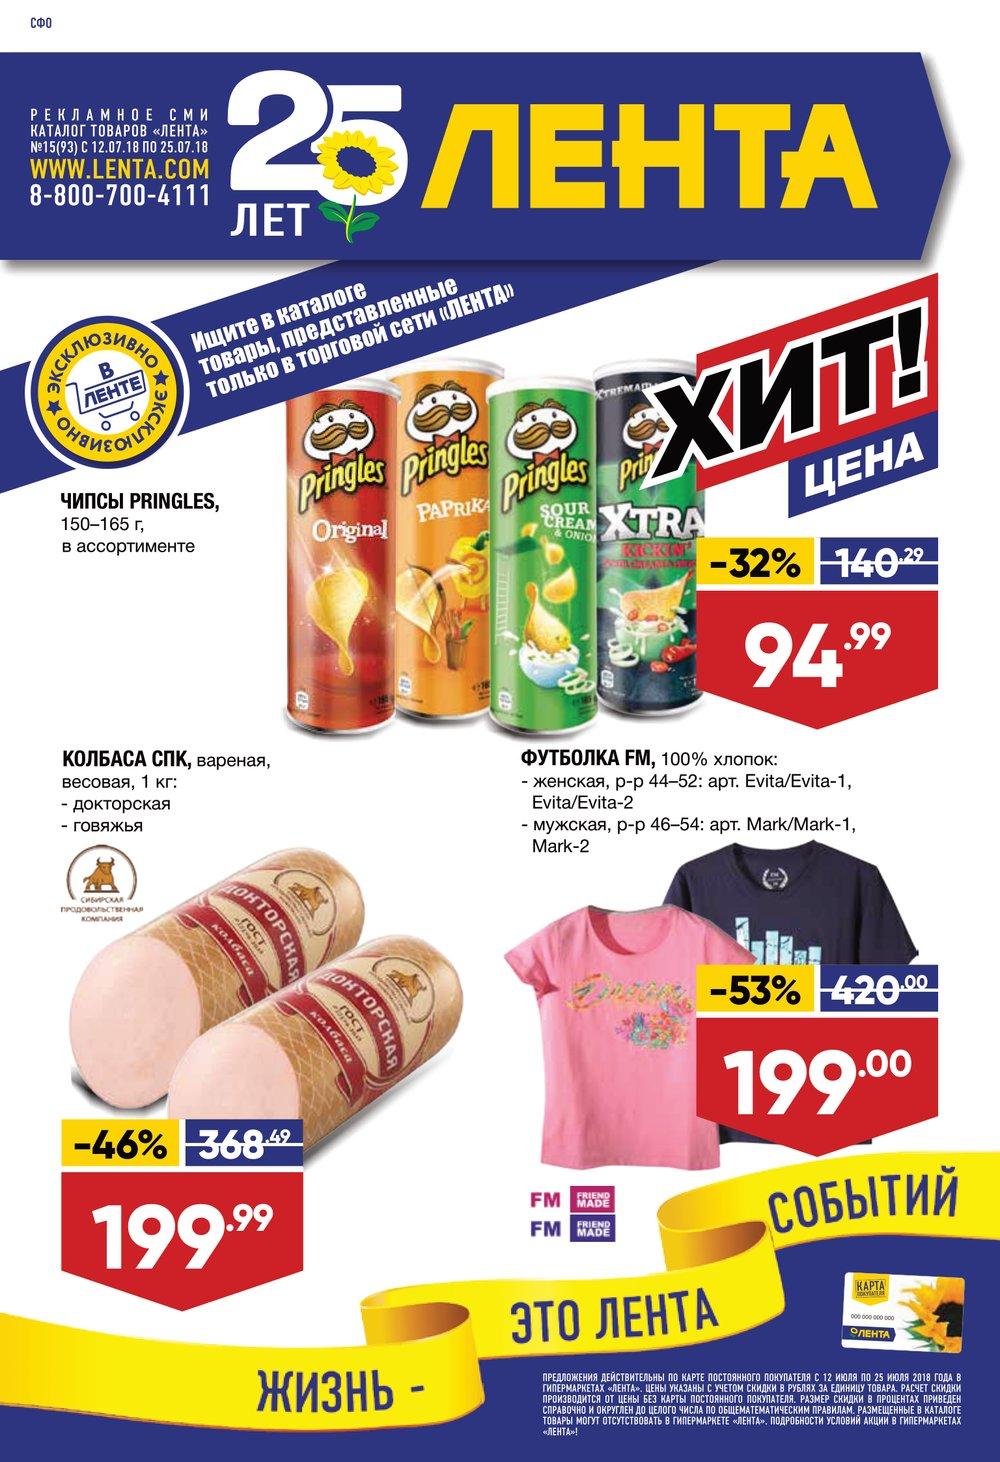 Магазин Лента Ачинск Каталог Товаров Цены